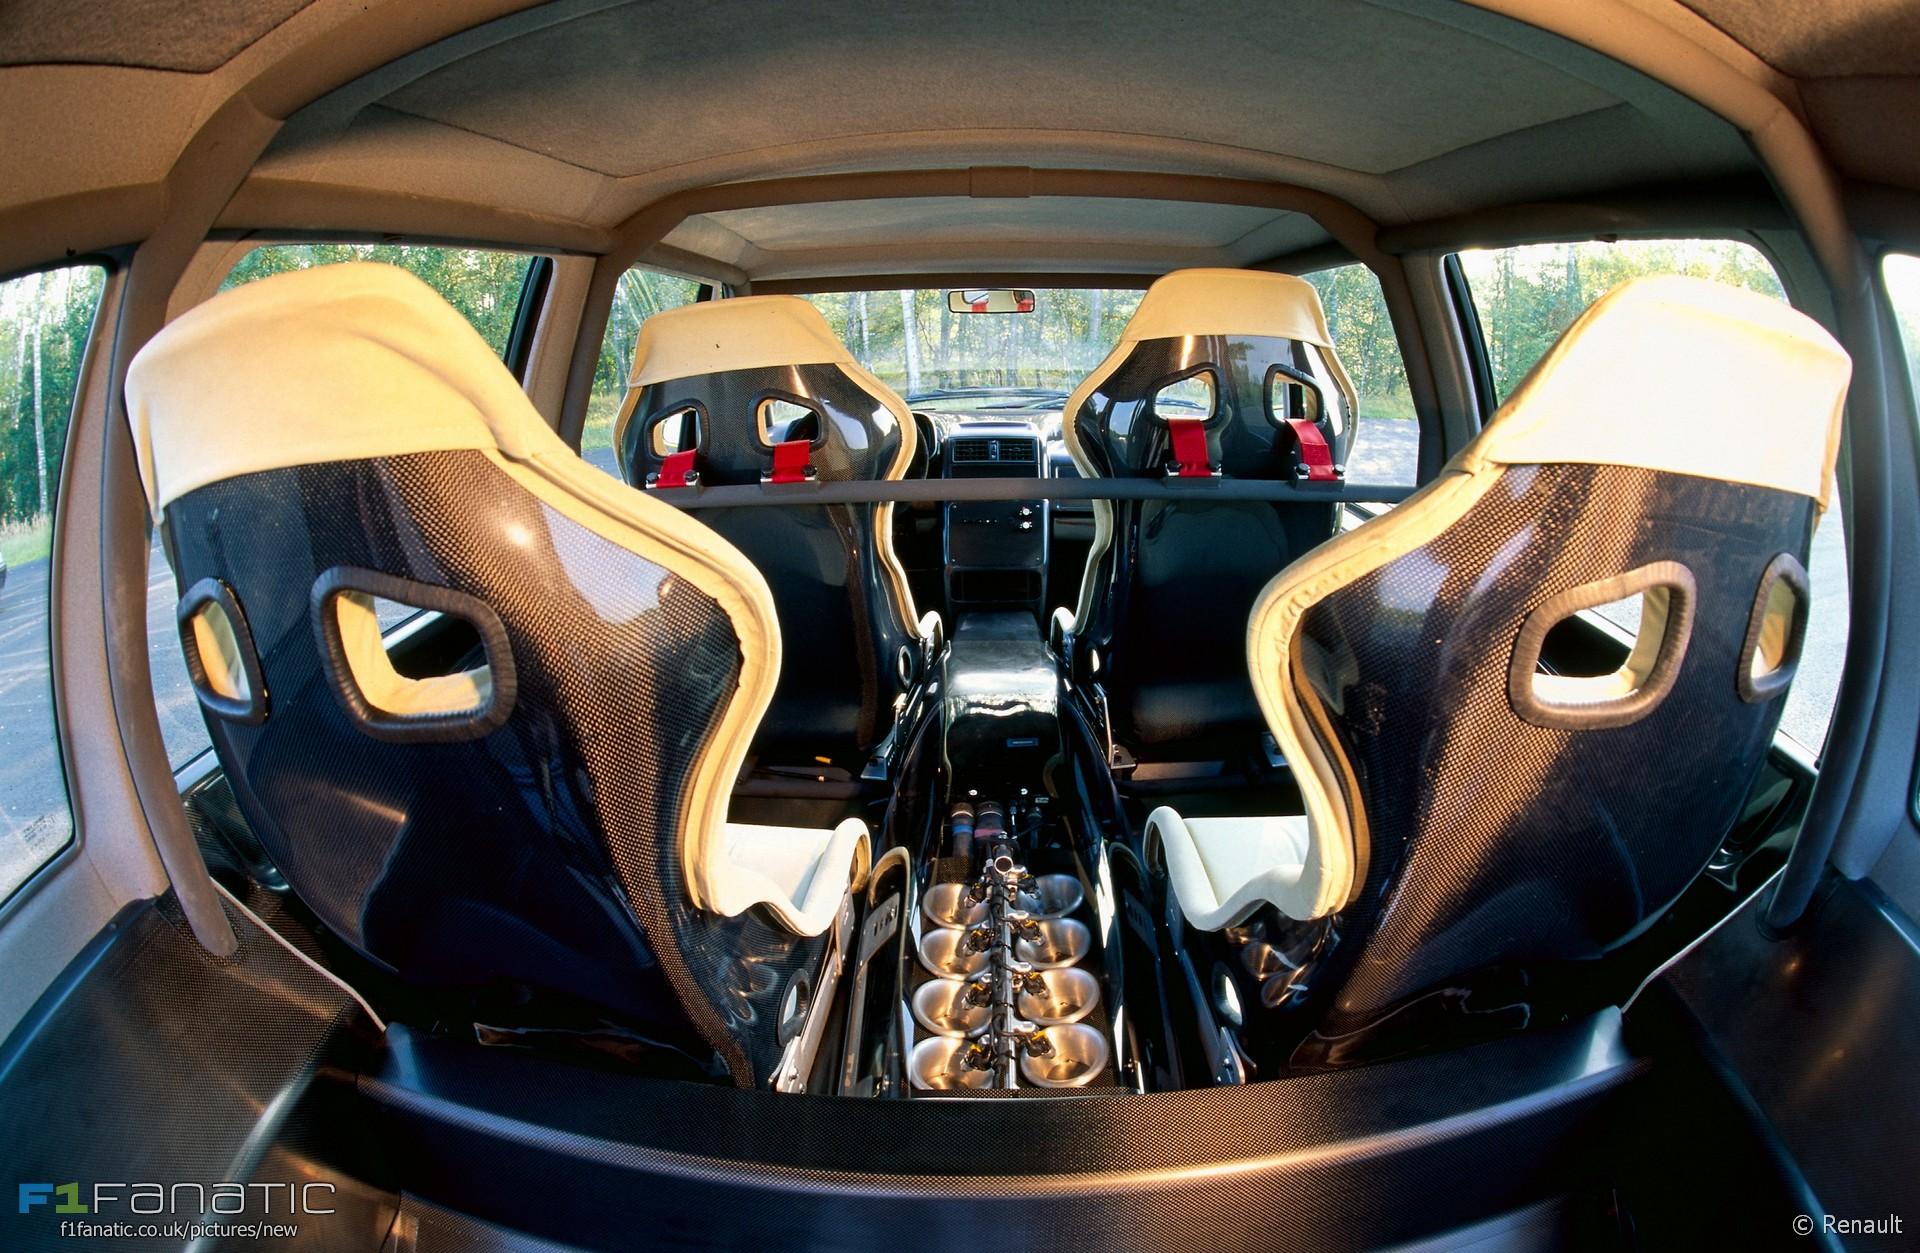 renault espace f1 interior 1994 racefans. Black Bedroom Furniture Sets. Home Design Ideas